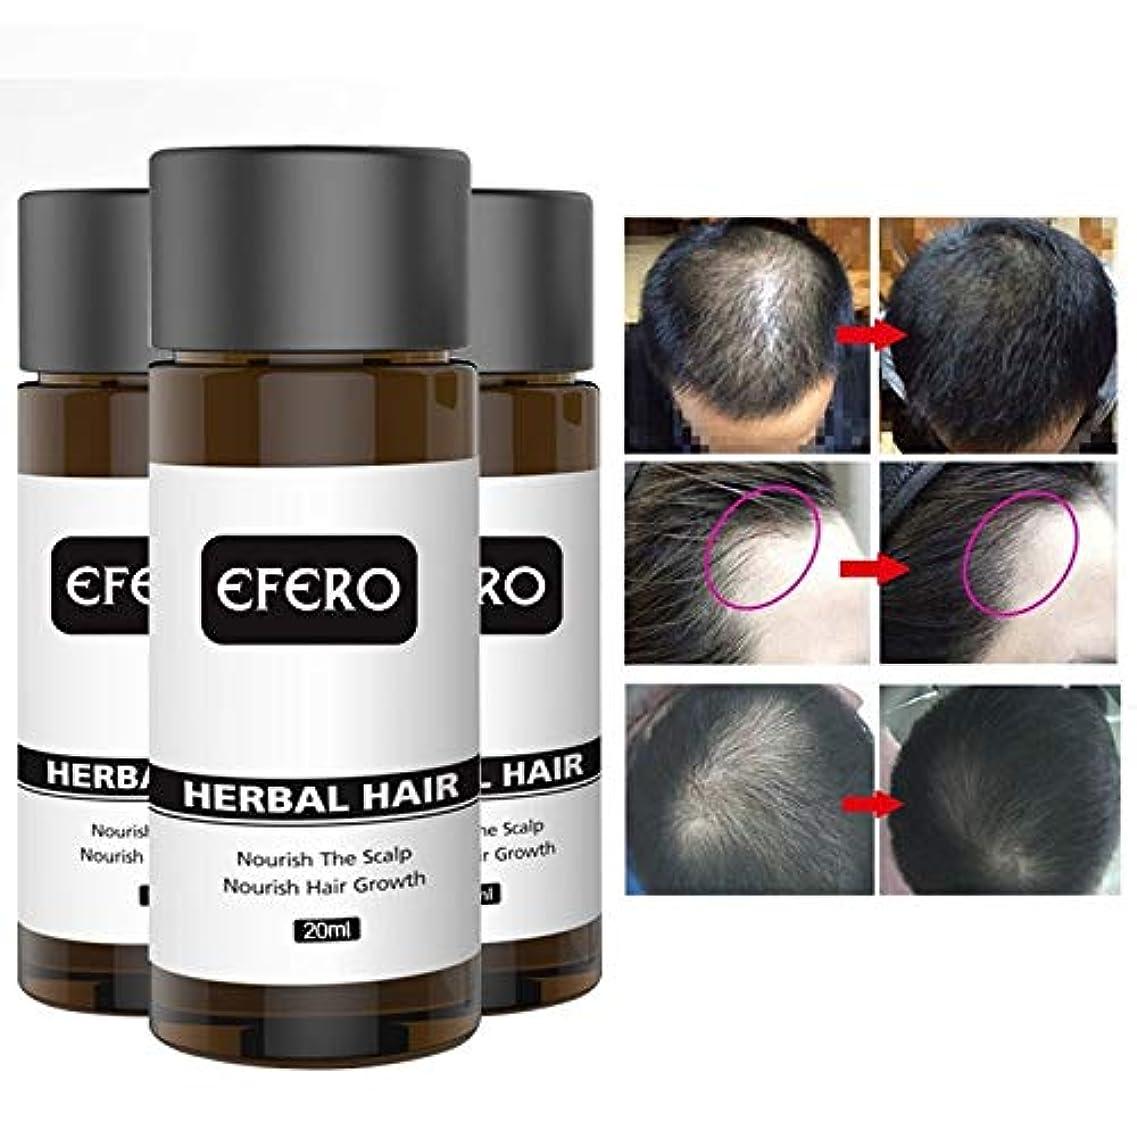 める雨連想3 X 20ml Essential Oil Best For Hair Growth Anti Loss Prevent Baldness Maintenance and Repair 毛の成長の反損失のための最もよい3 x 20mlの精油は禿頭症の維持および修理を防ぎます